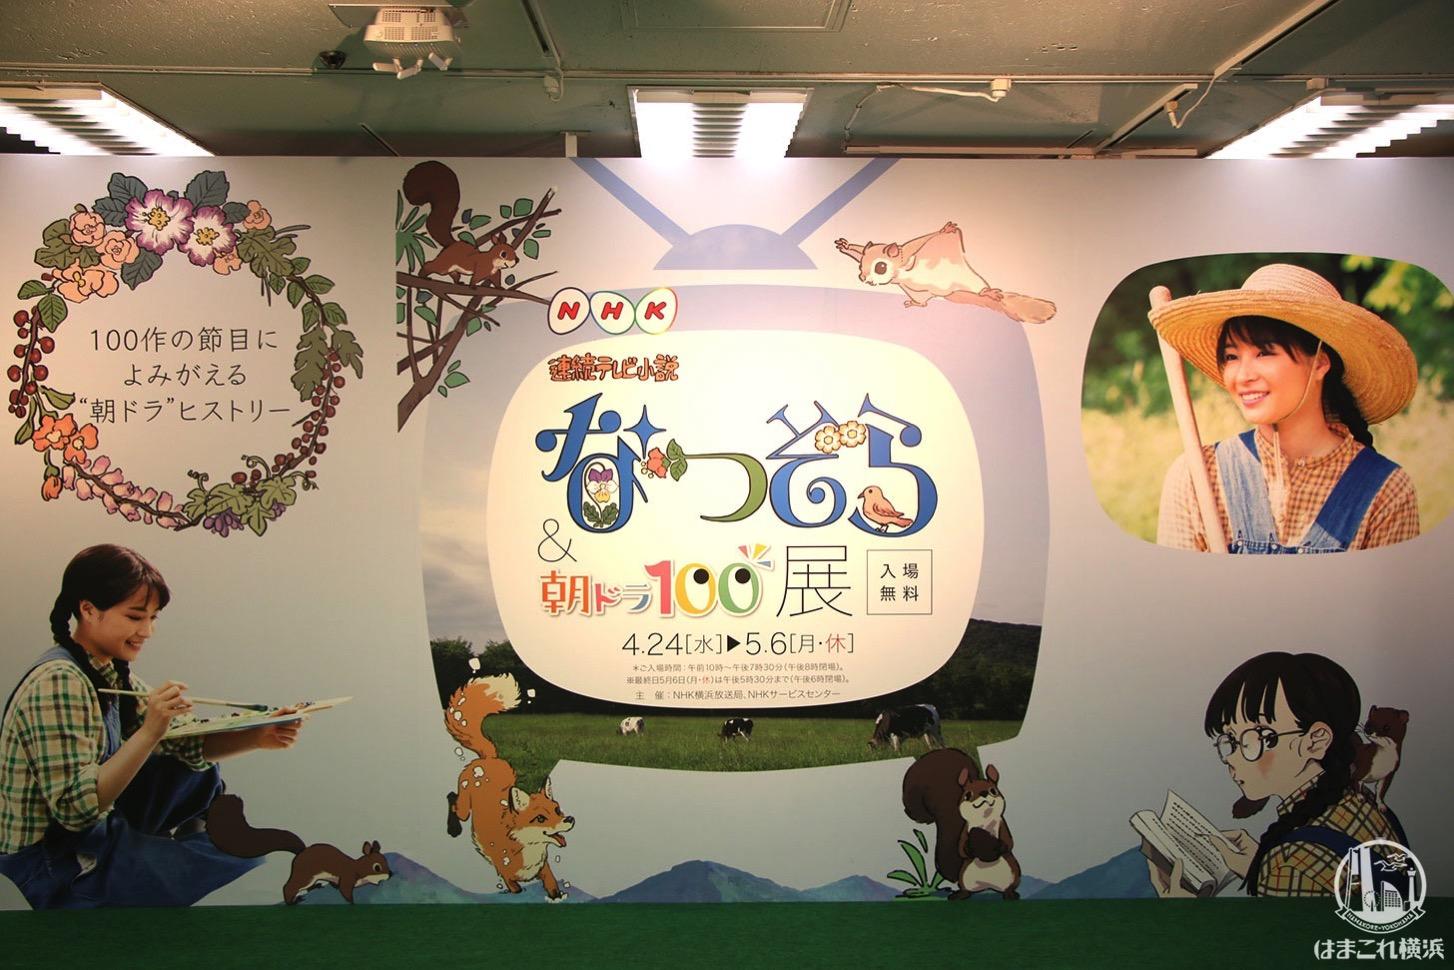 横浜高島屋で草刈正雄「なつぞら」「朝ドラ」の魅力語る、展覧会の見どころも